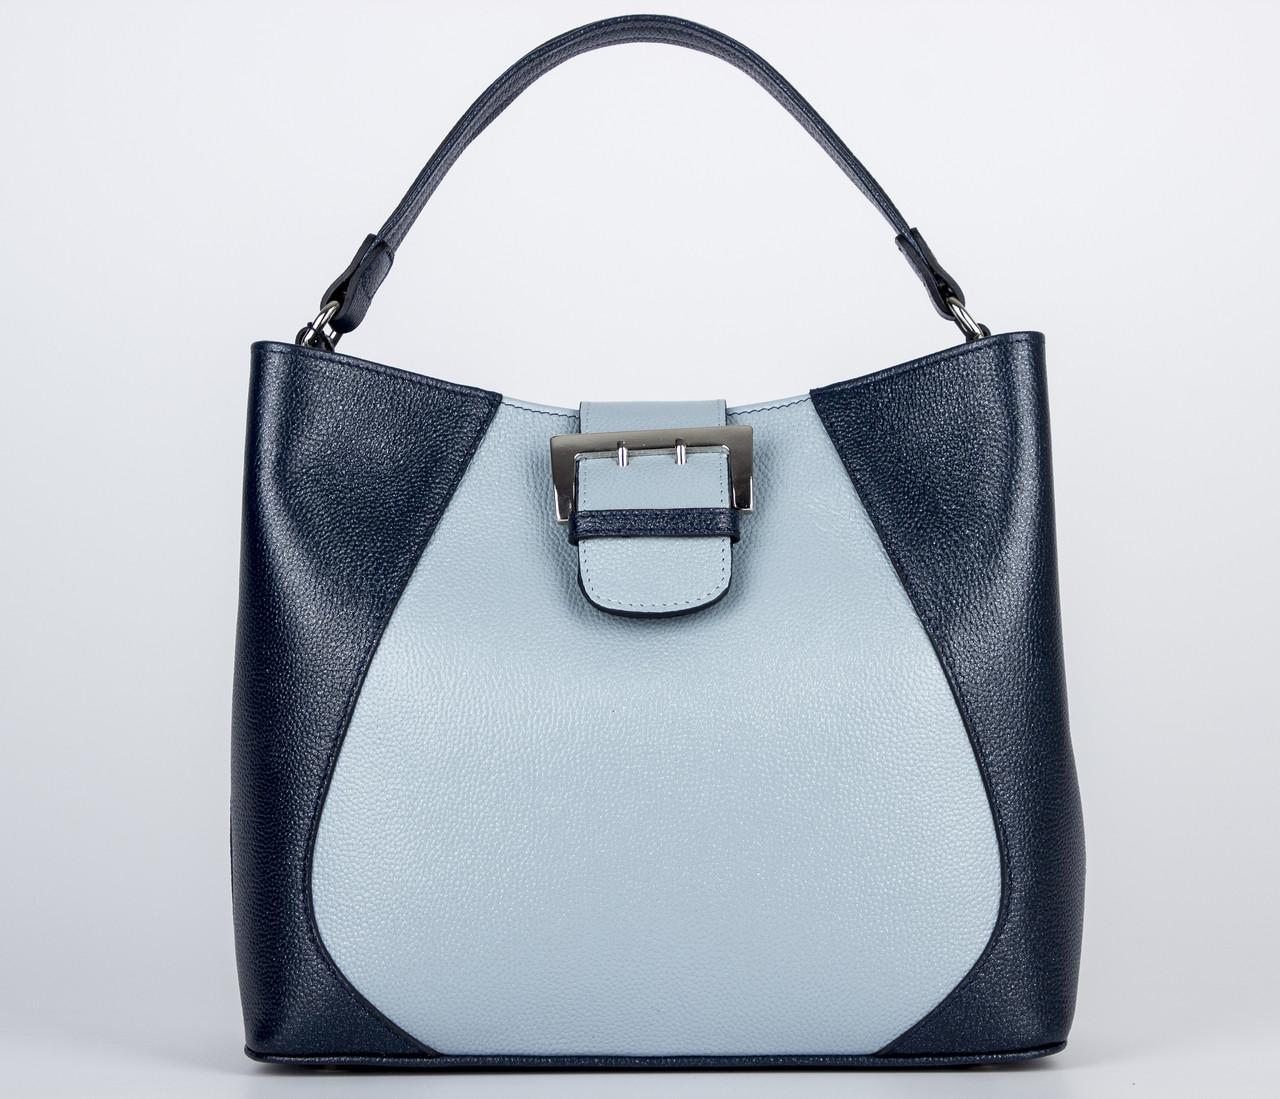 Сумка Assa 1132 женская, кожаная голубая / черная